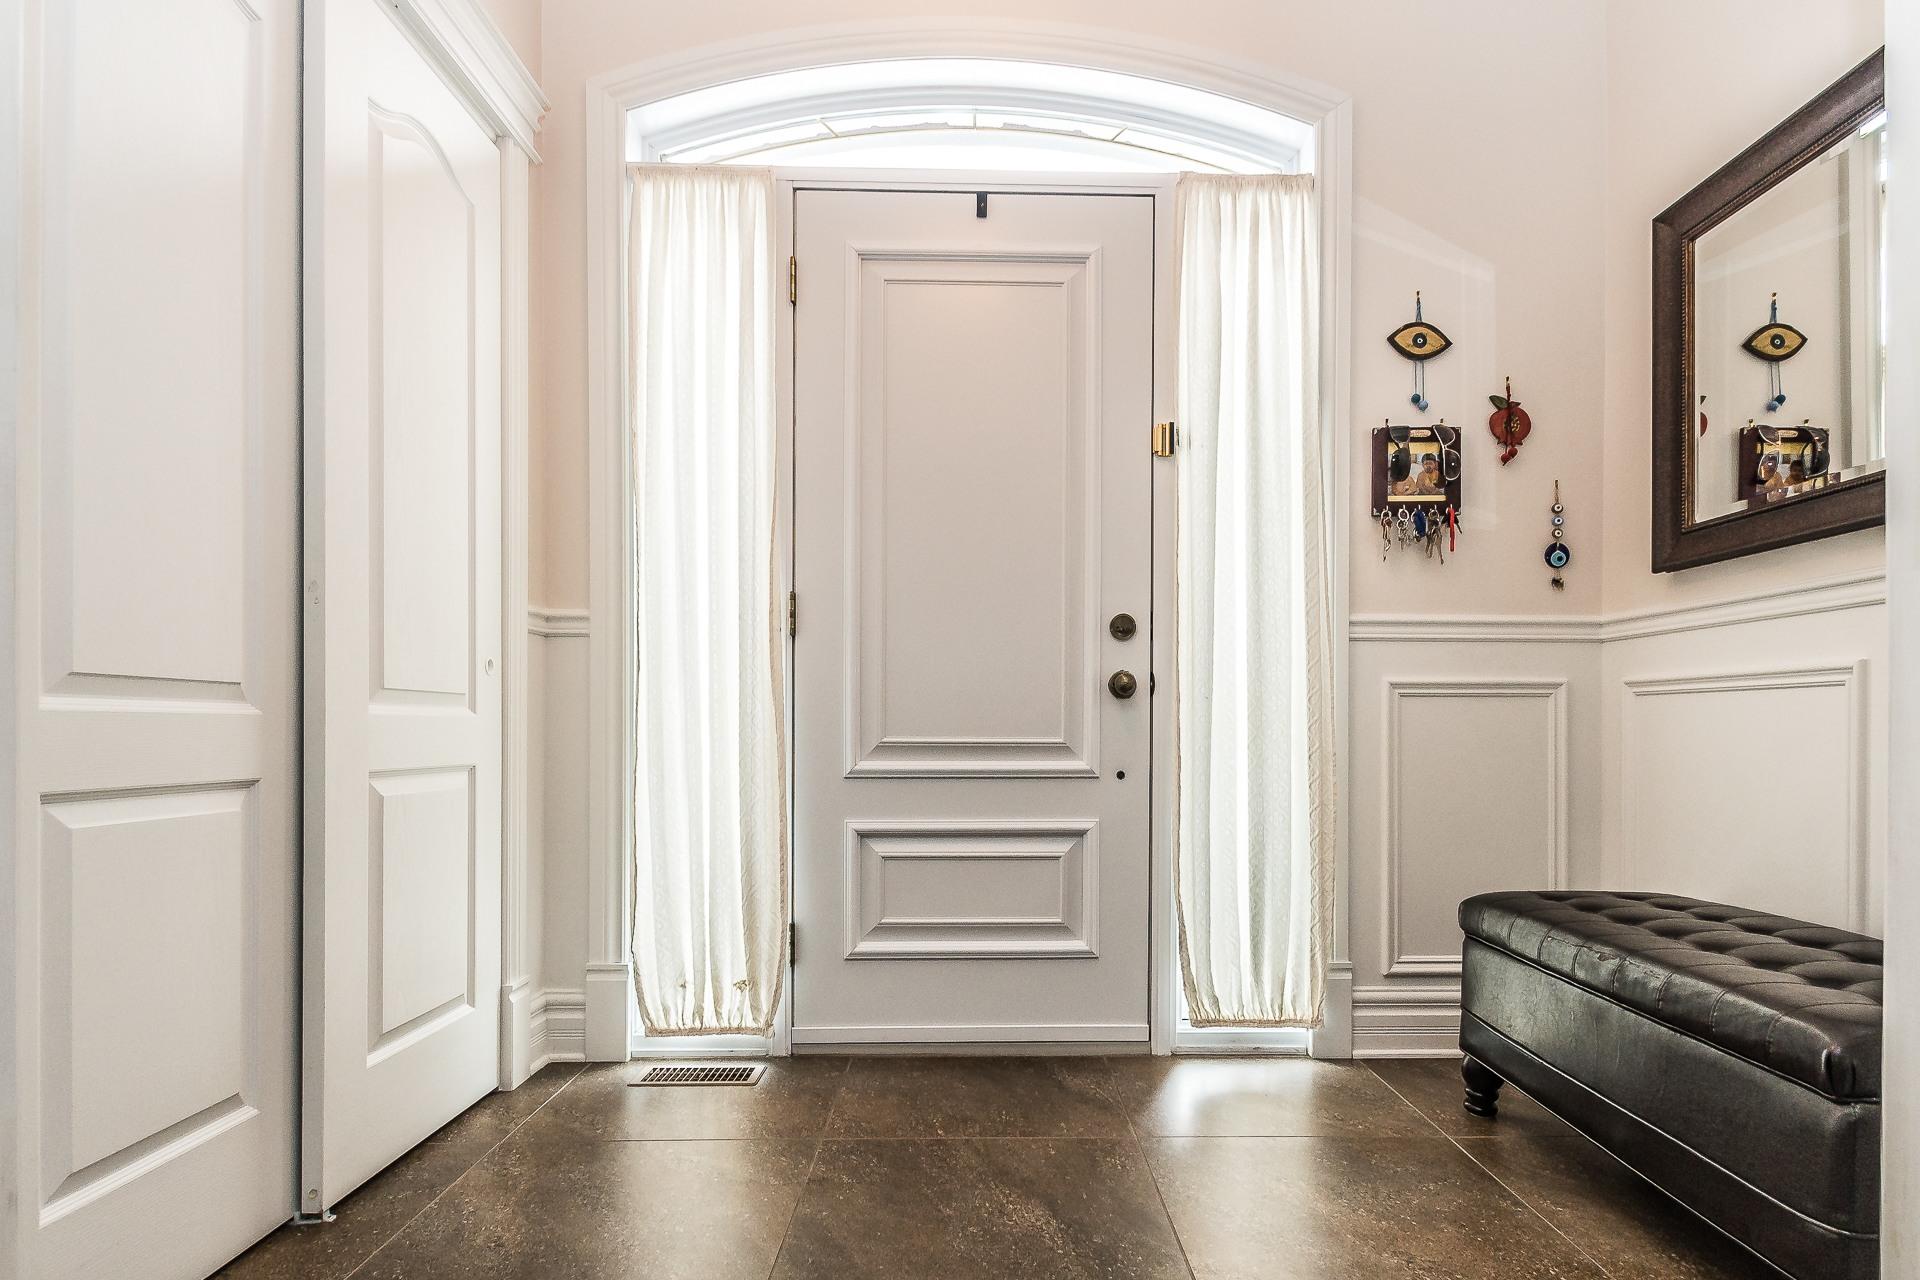 image 35 - House For sale Laval Sainte-Dorothée - 12 rooms